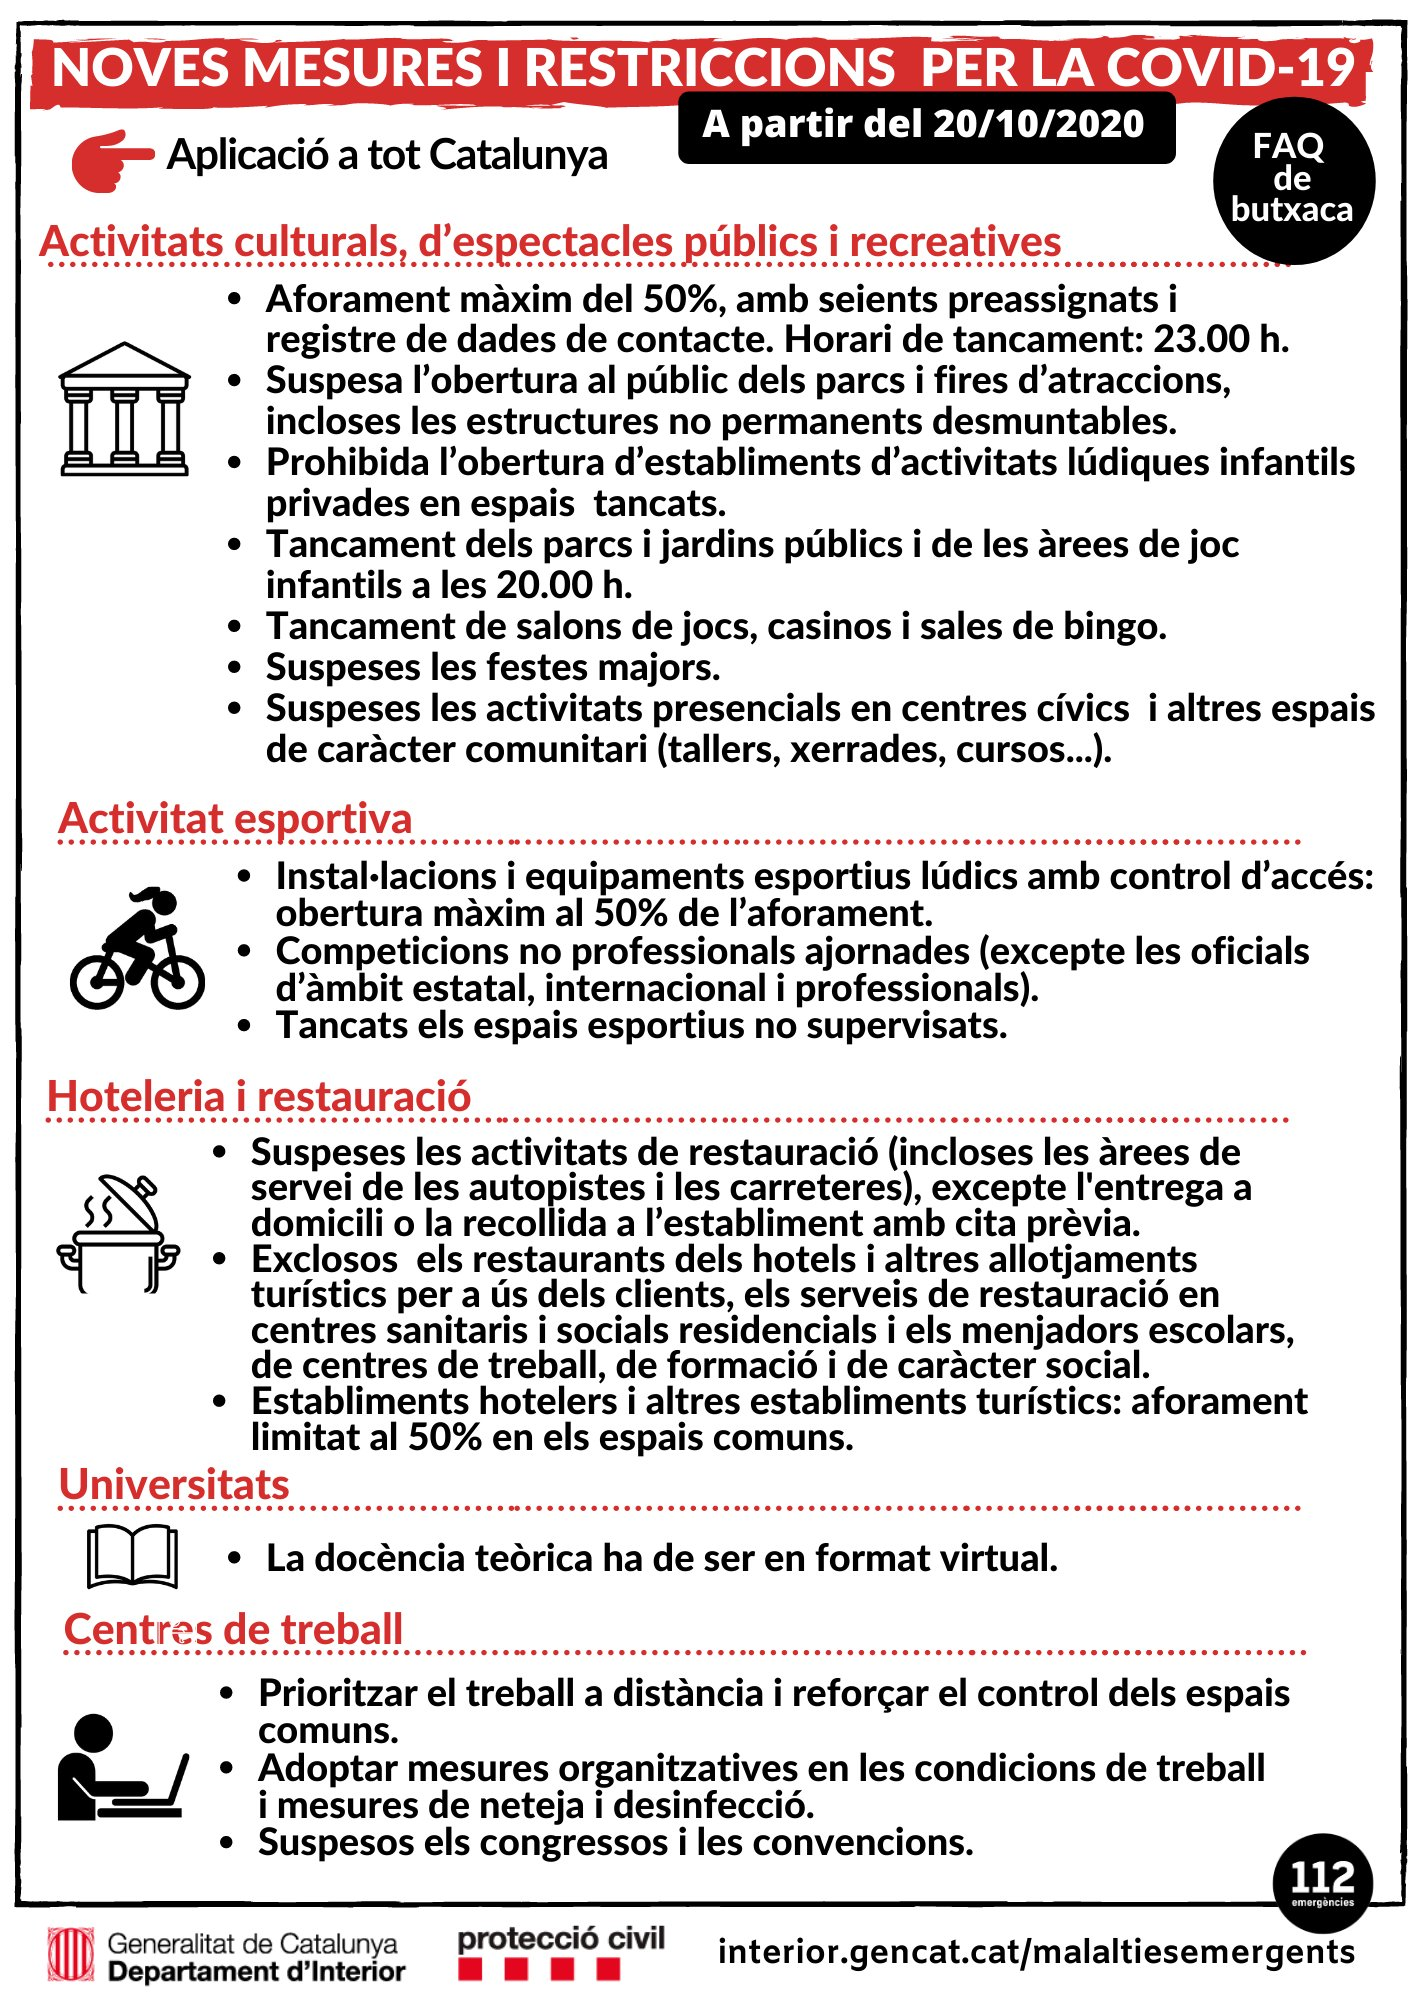 ACTUALITZACIÓ 20/10/20: Noves mesures i restriccions per la Covid-19